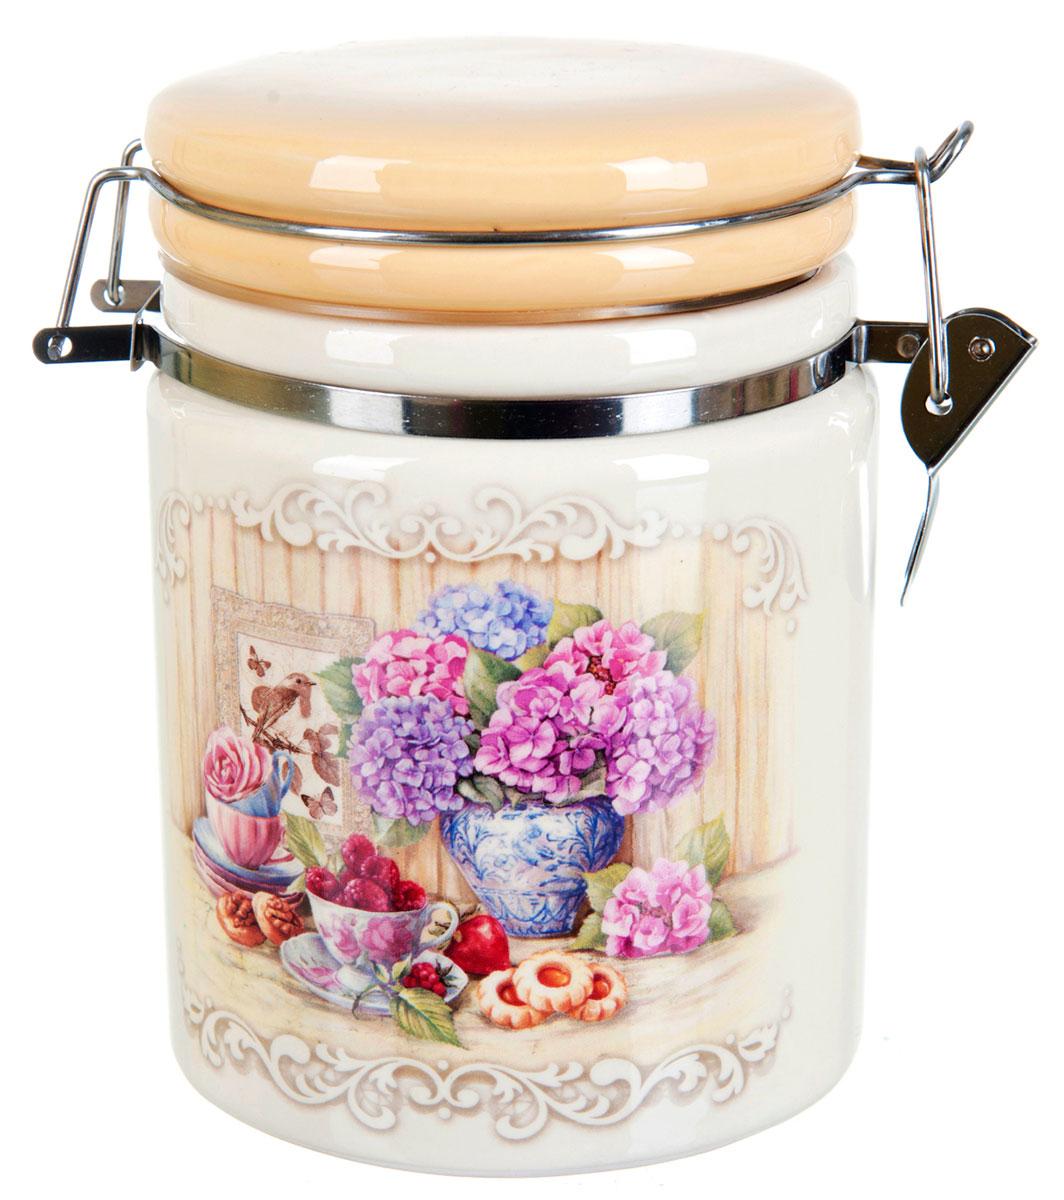 Банка для сыпучих продуктов Polystar Sweet Home, 850 млL2430864Банка для сыпучих продуктов изготовлена из прочной доломитовой керамики, покрытой слоем сверкающей гладкой глазури. Изделие оформлено красочным изображением. Банка прекрасно подойдет для хранения различных сыпучих продуктов: чая, кофе, сахара, круп и многого другого. Благодаря силиконовой прослойке и бугельному замку, крышка герметично закрывается, что позволяет дольше сохранять продукты свежими. Изящная емкость не только поможет хранить разнообразные сыпучие продукты, но и стильно дополнит интерьер кухни.